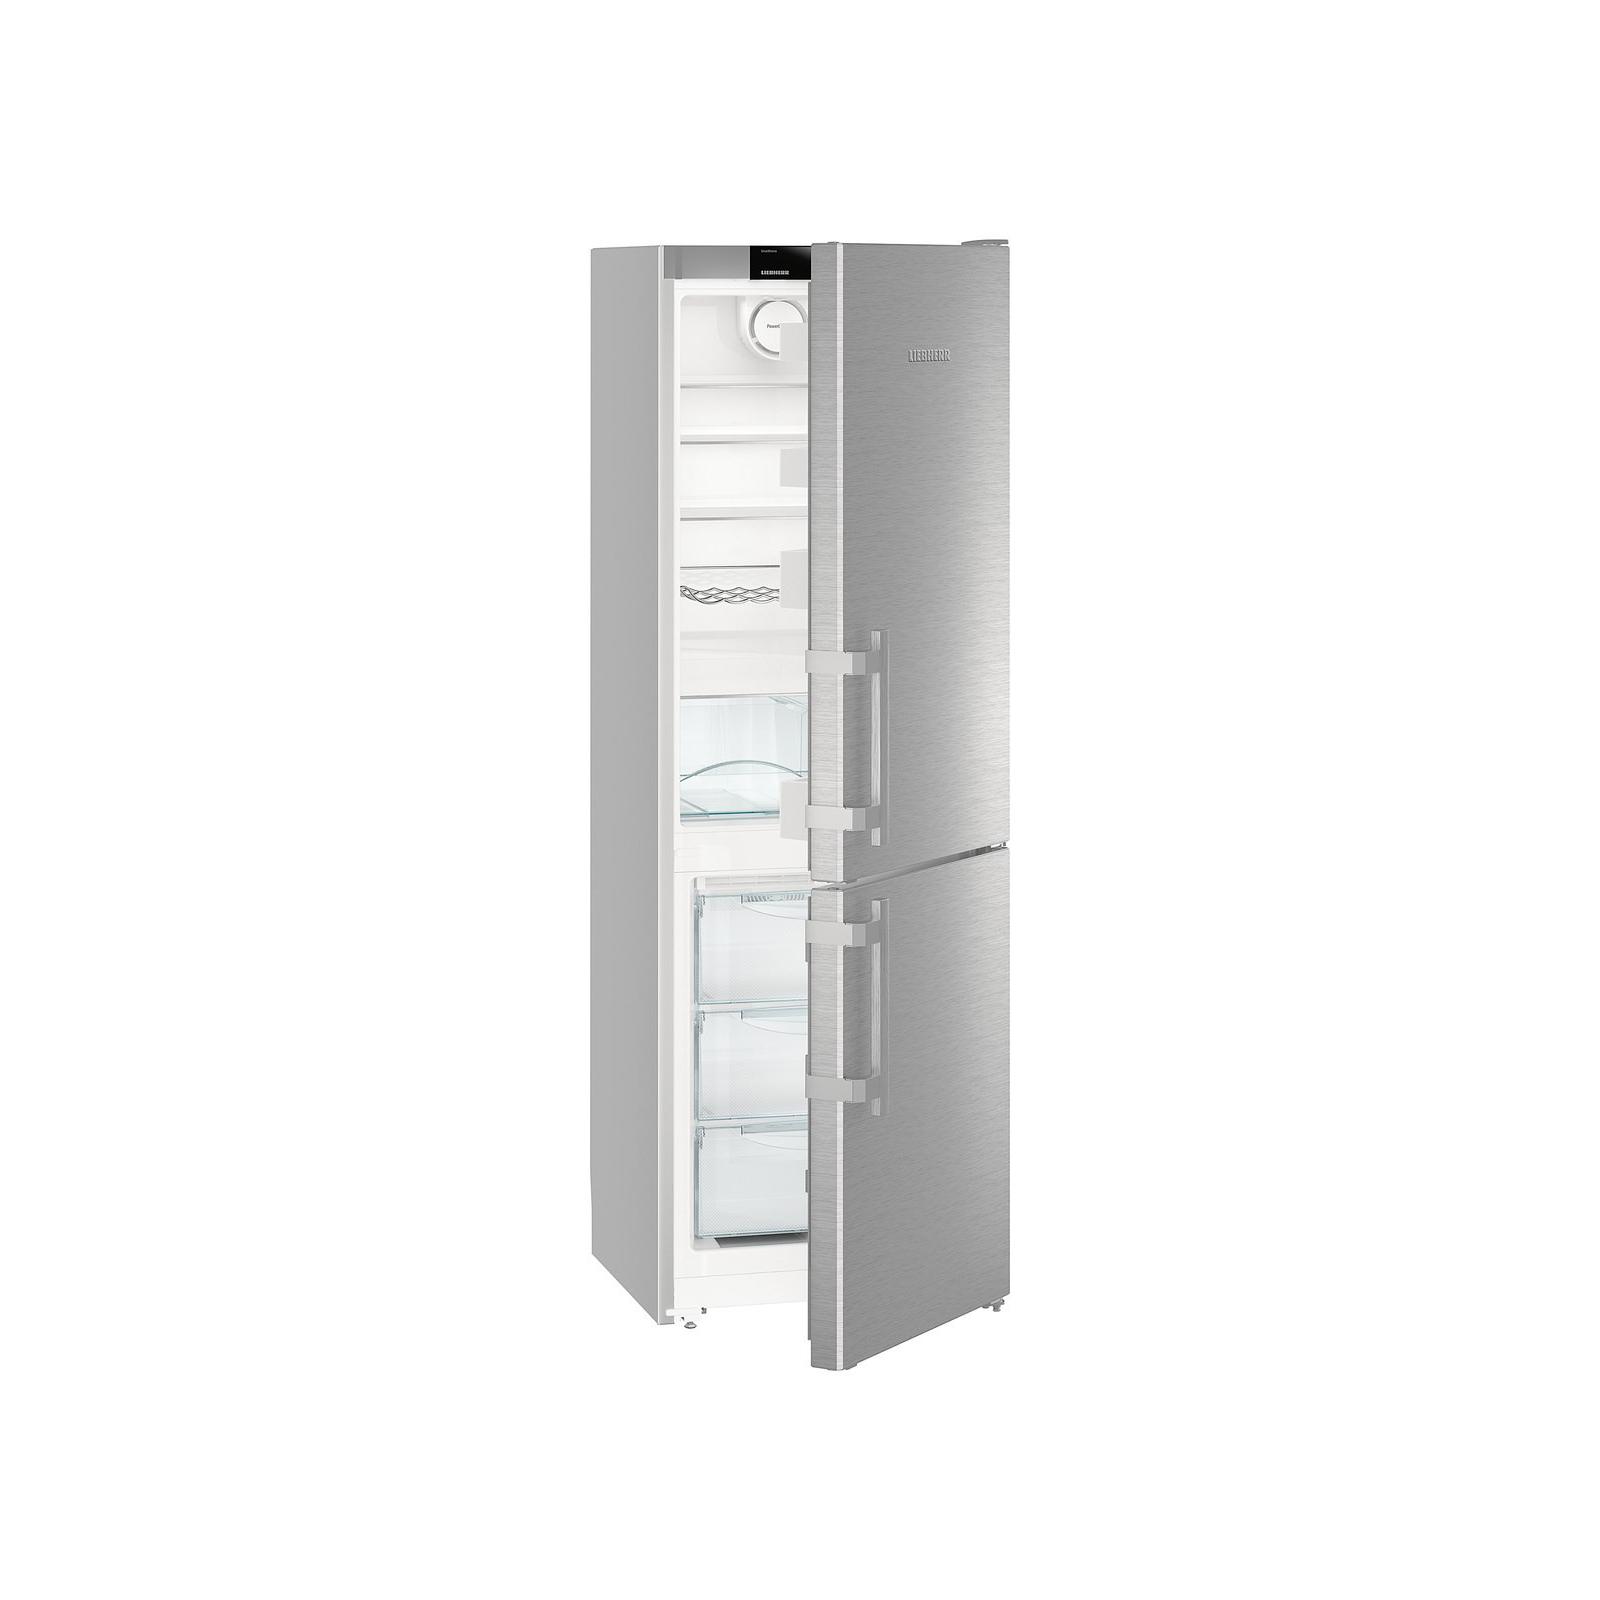 Холодильник Liebherr CUef 3515 изображение 2